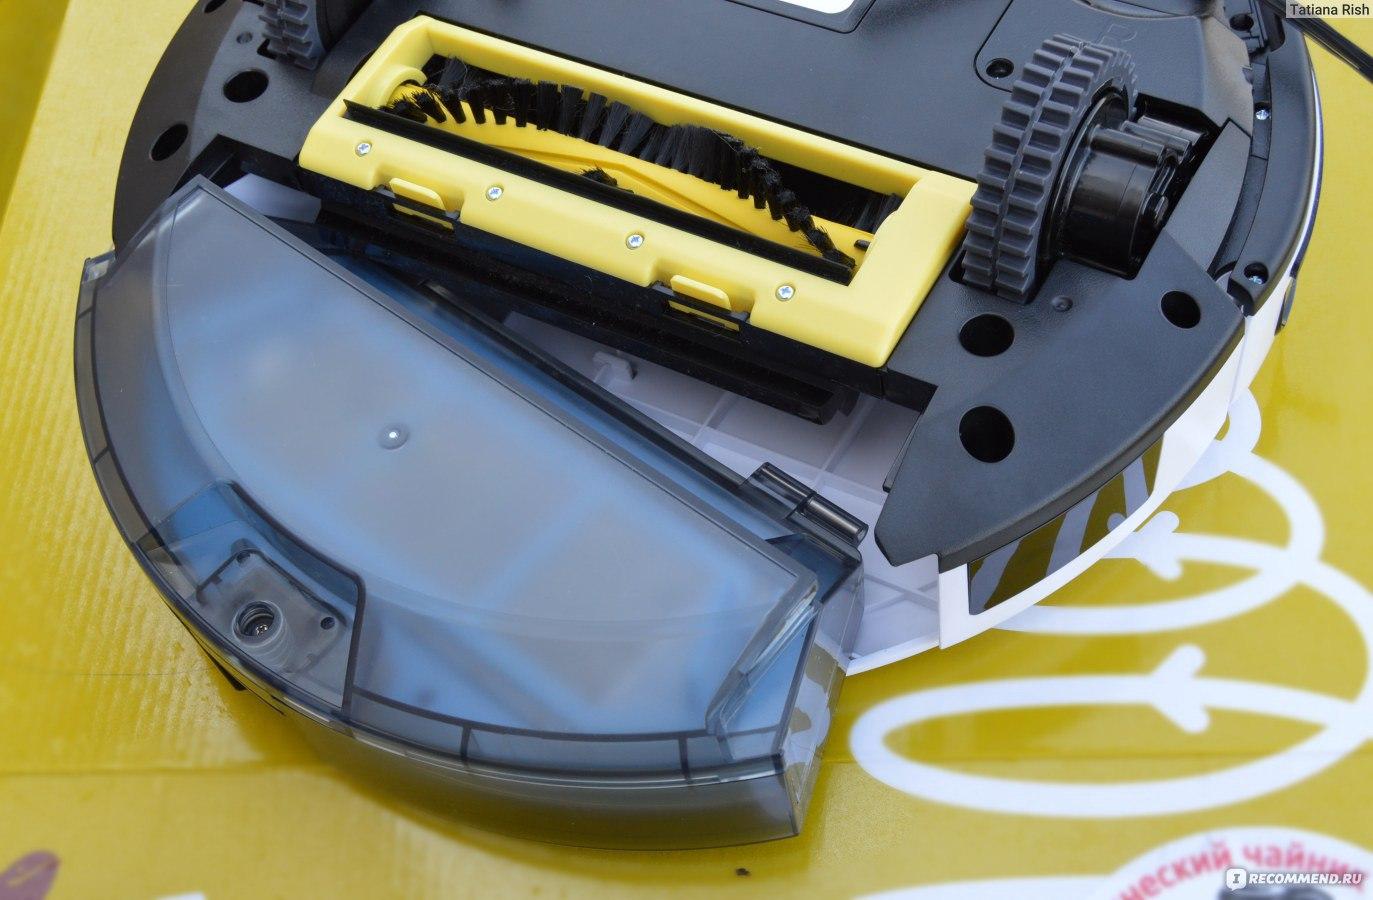 Лучшие роботы-пылесосы для сухой уборки: топ-7 моделей